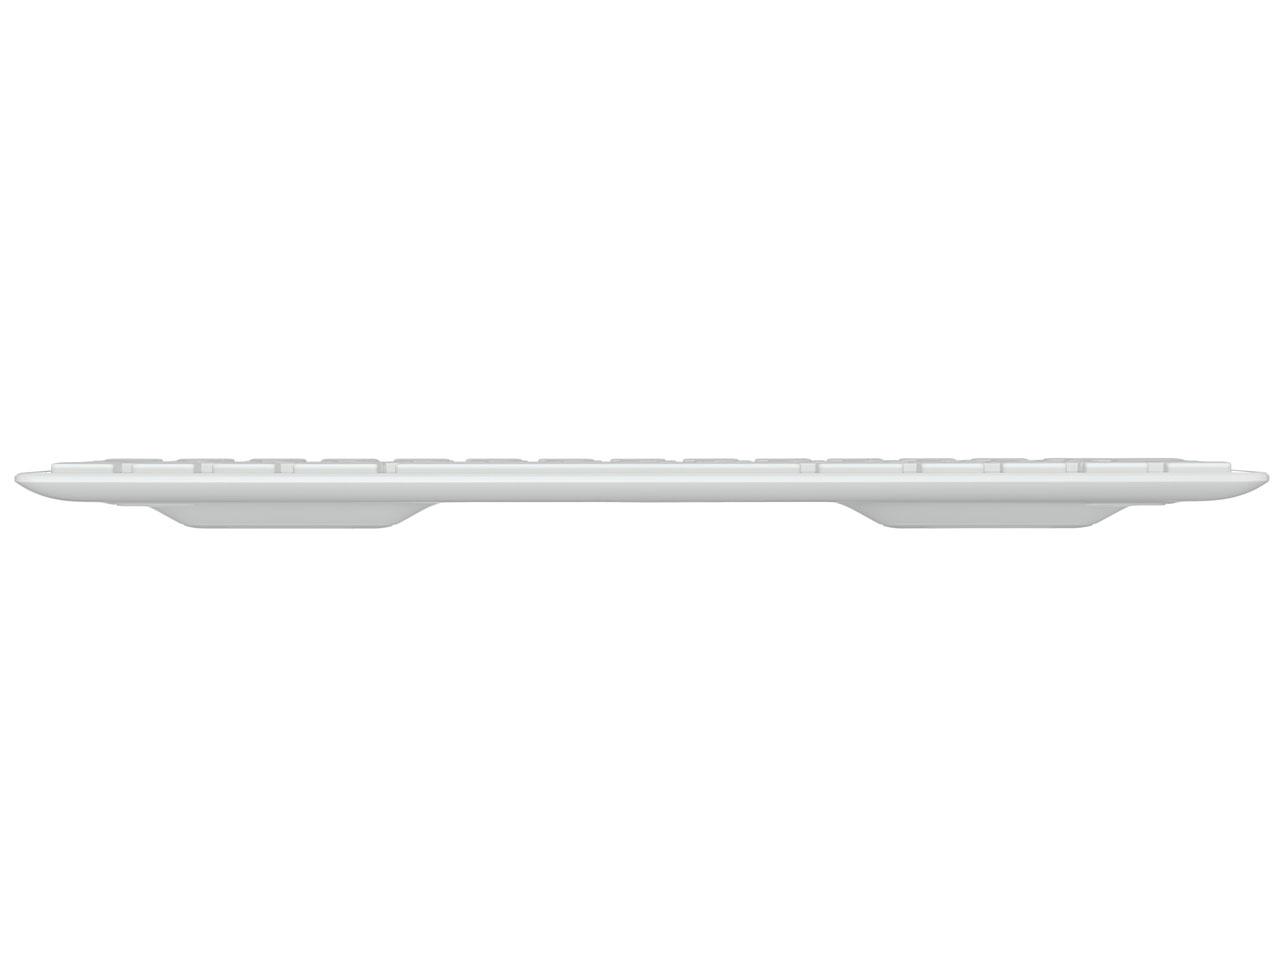 『本体 底面』 Wireless Solar Keyboard K760 [シルバー/ホワイト] の製品画像